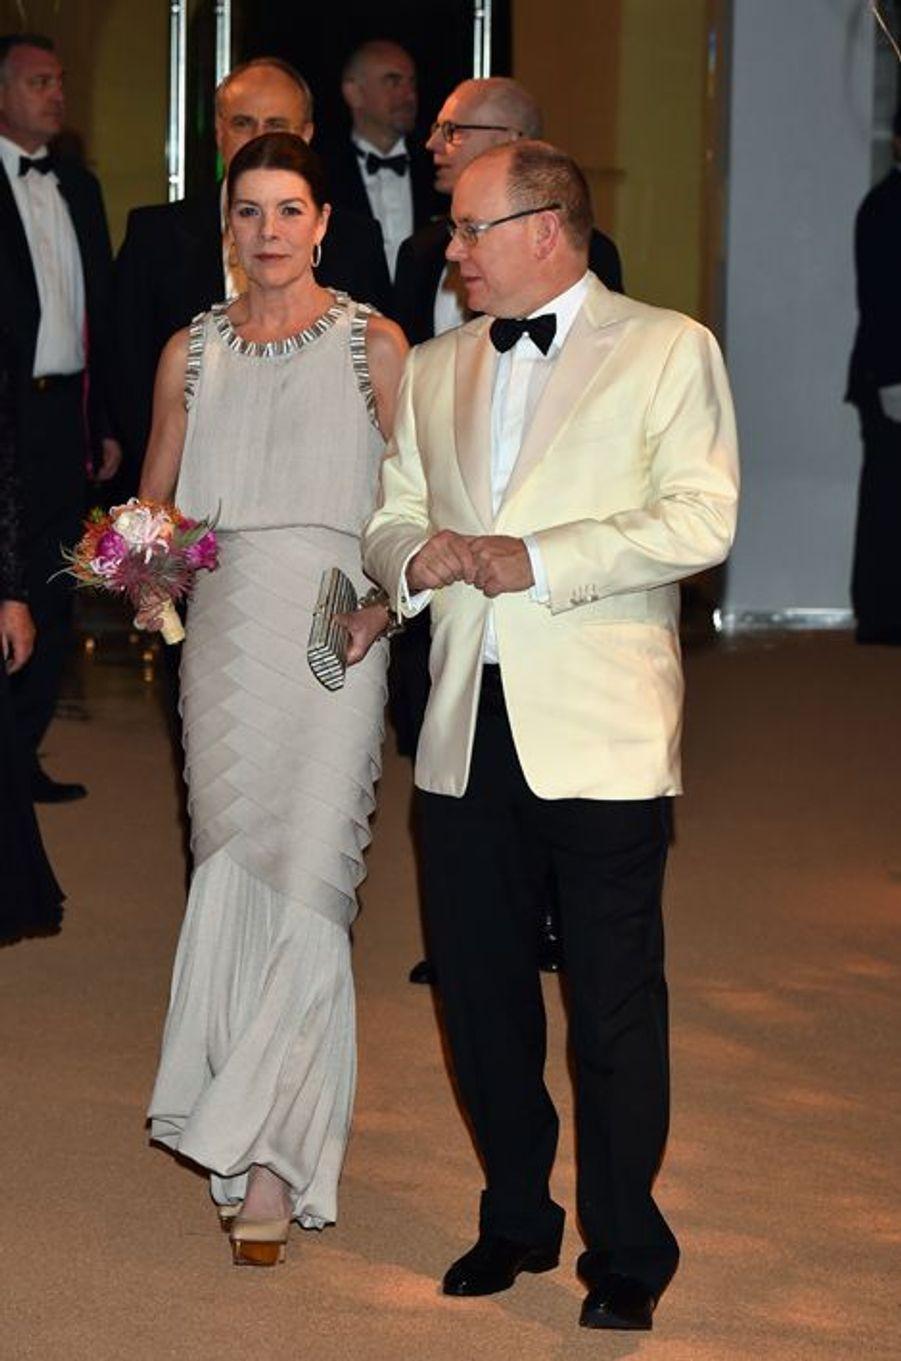 La princesse Caroline de Hanovre et le prince Albert II de Monaco à Monaco, le 19 mars 2016